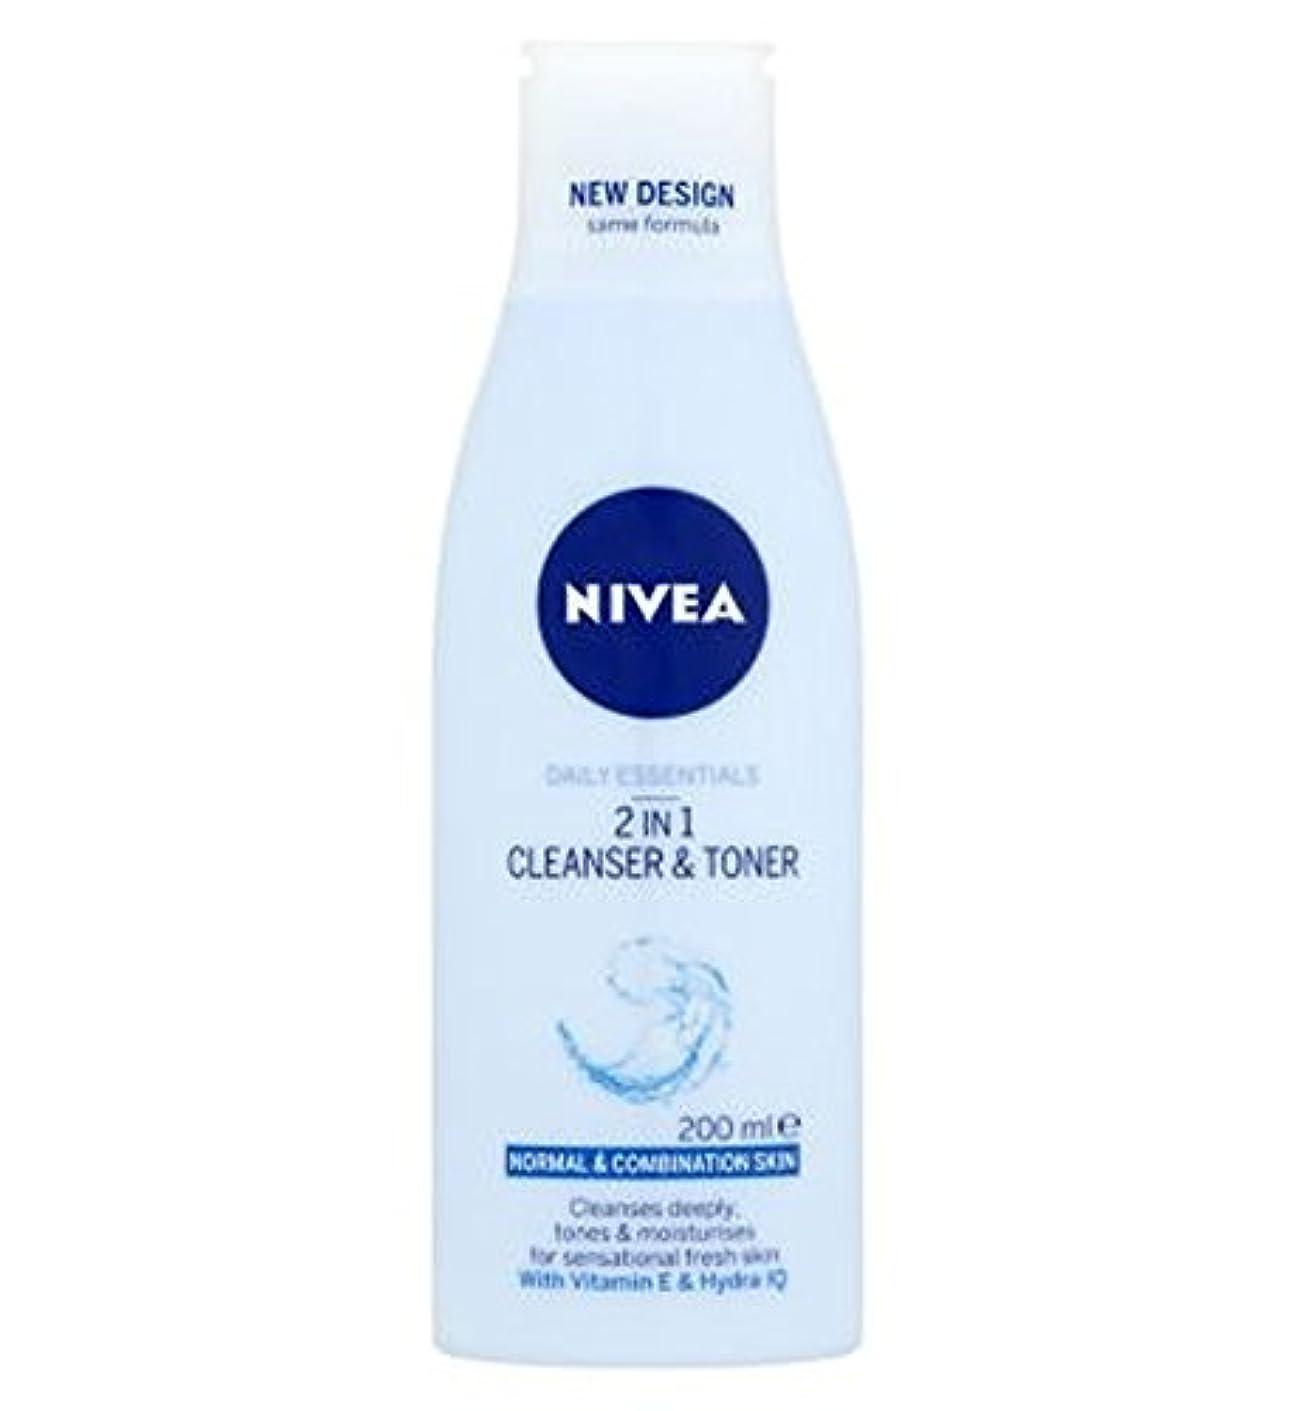 経済製造業ストレスNivea Daily Essentials 2 in 1 Cleanser and Toner 200ml - ニベア生活必需品2 1クレンザーとトナー200ミリリットルで (Nivea) [並行輸入品]